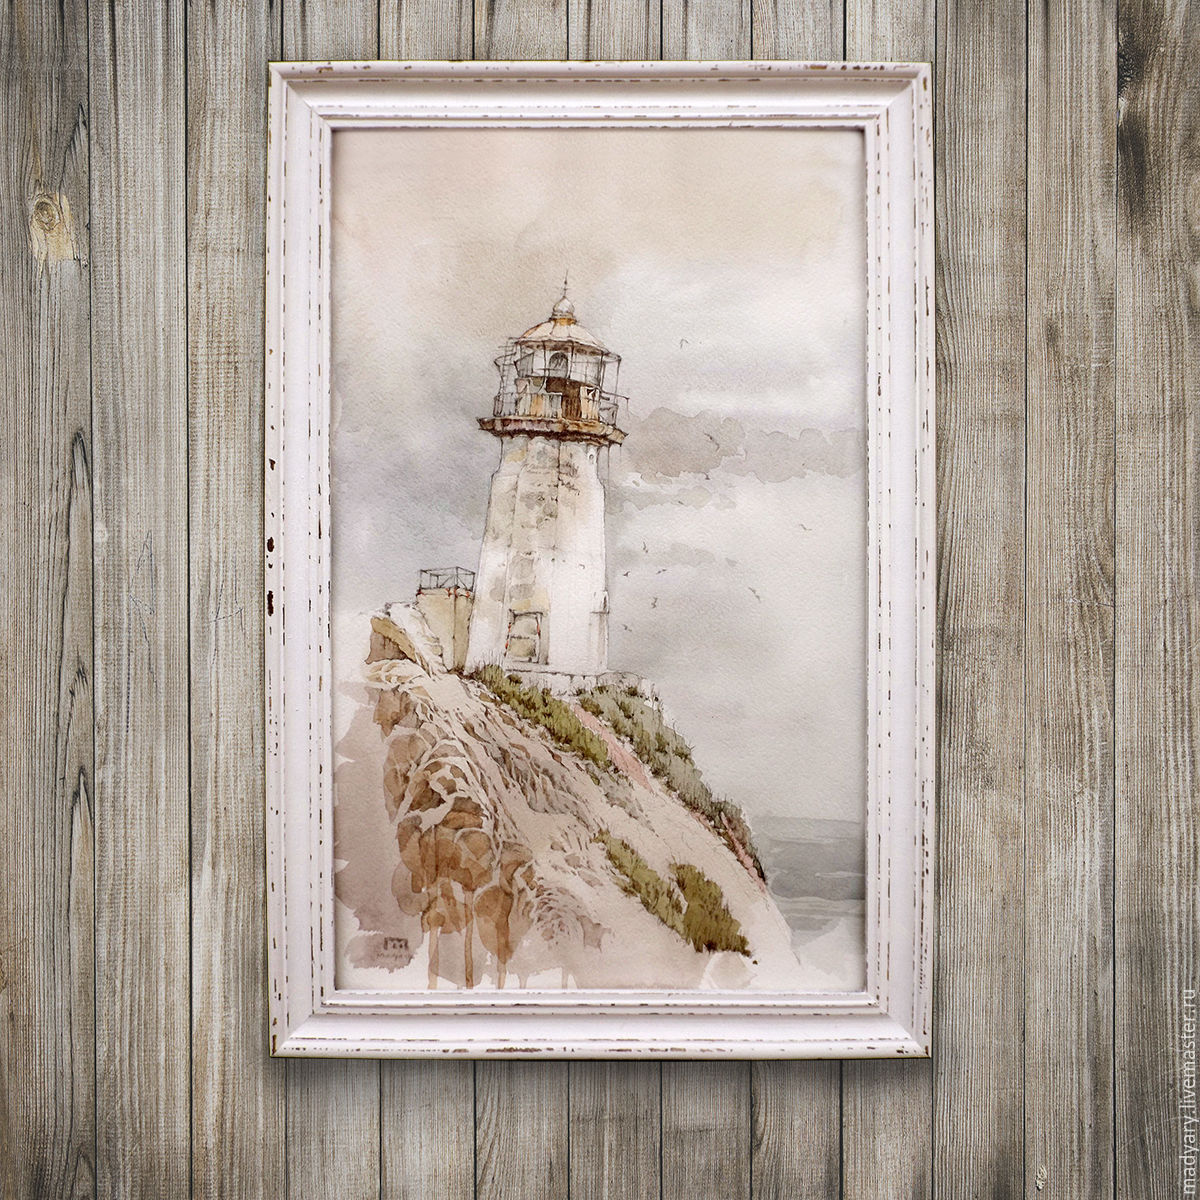 Пейзаж ручной работы. Ярмарка Мастеров - ручная работа. Купить Картина акварелью Маяк (морской пейзаж, светло-серый, бежево-серый). Handmade.